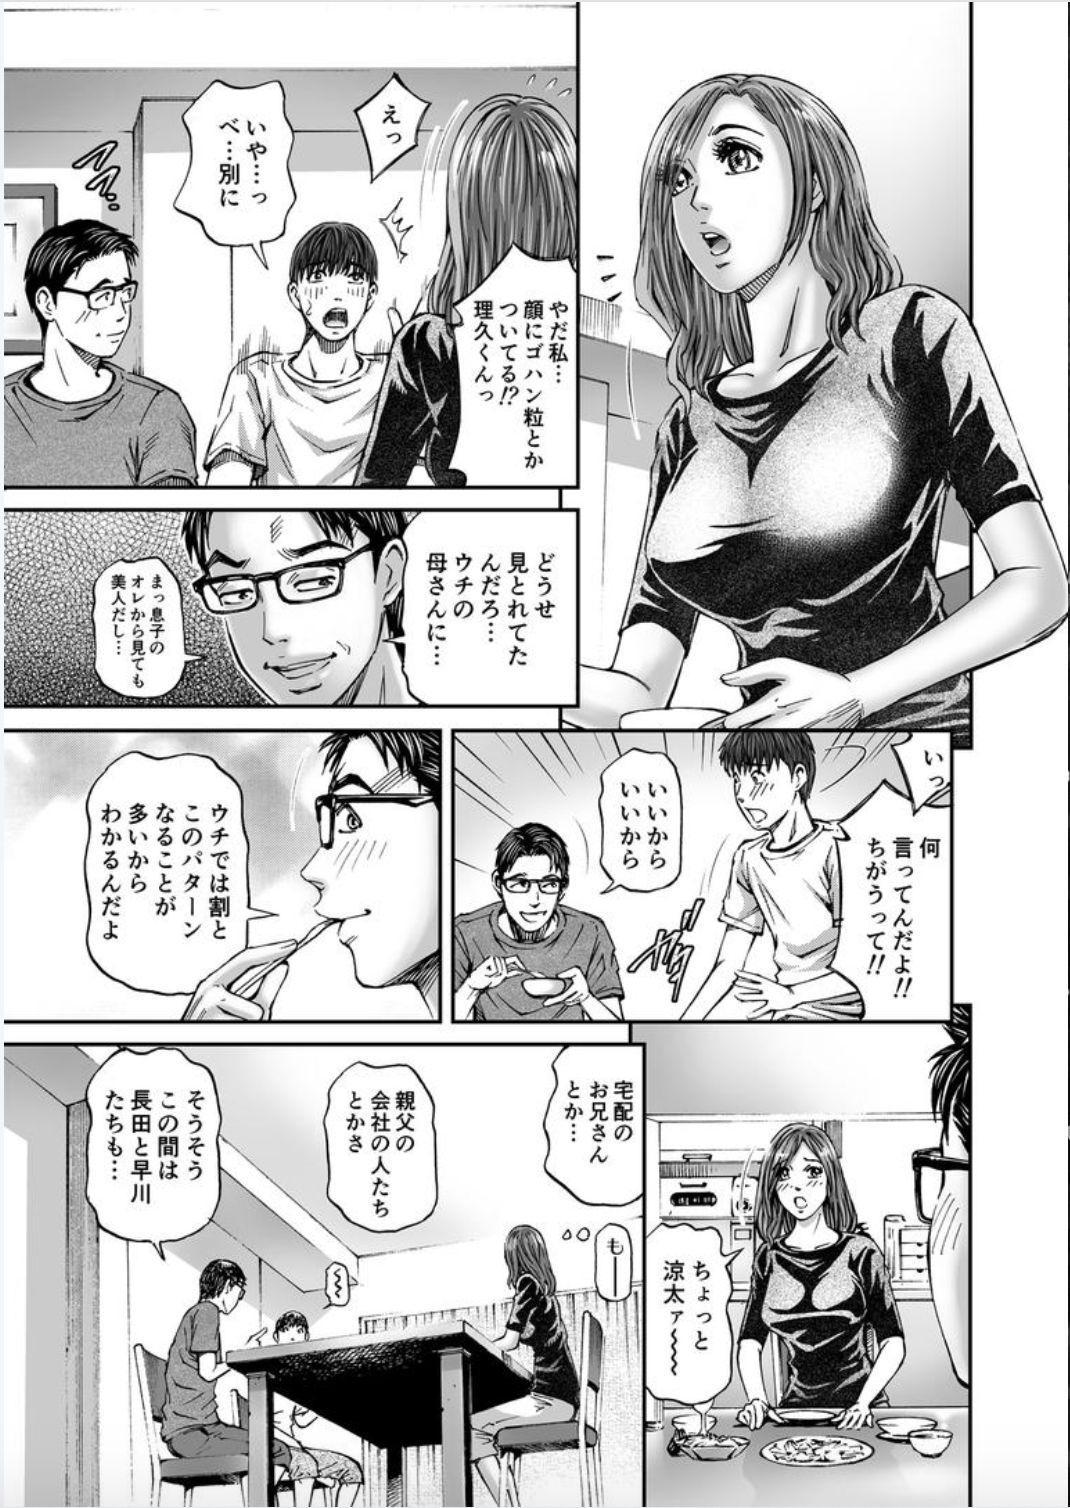 Seisyoku Dance Hitodzuma no chitsueki ni mamirete 1-2 10